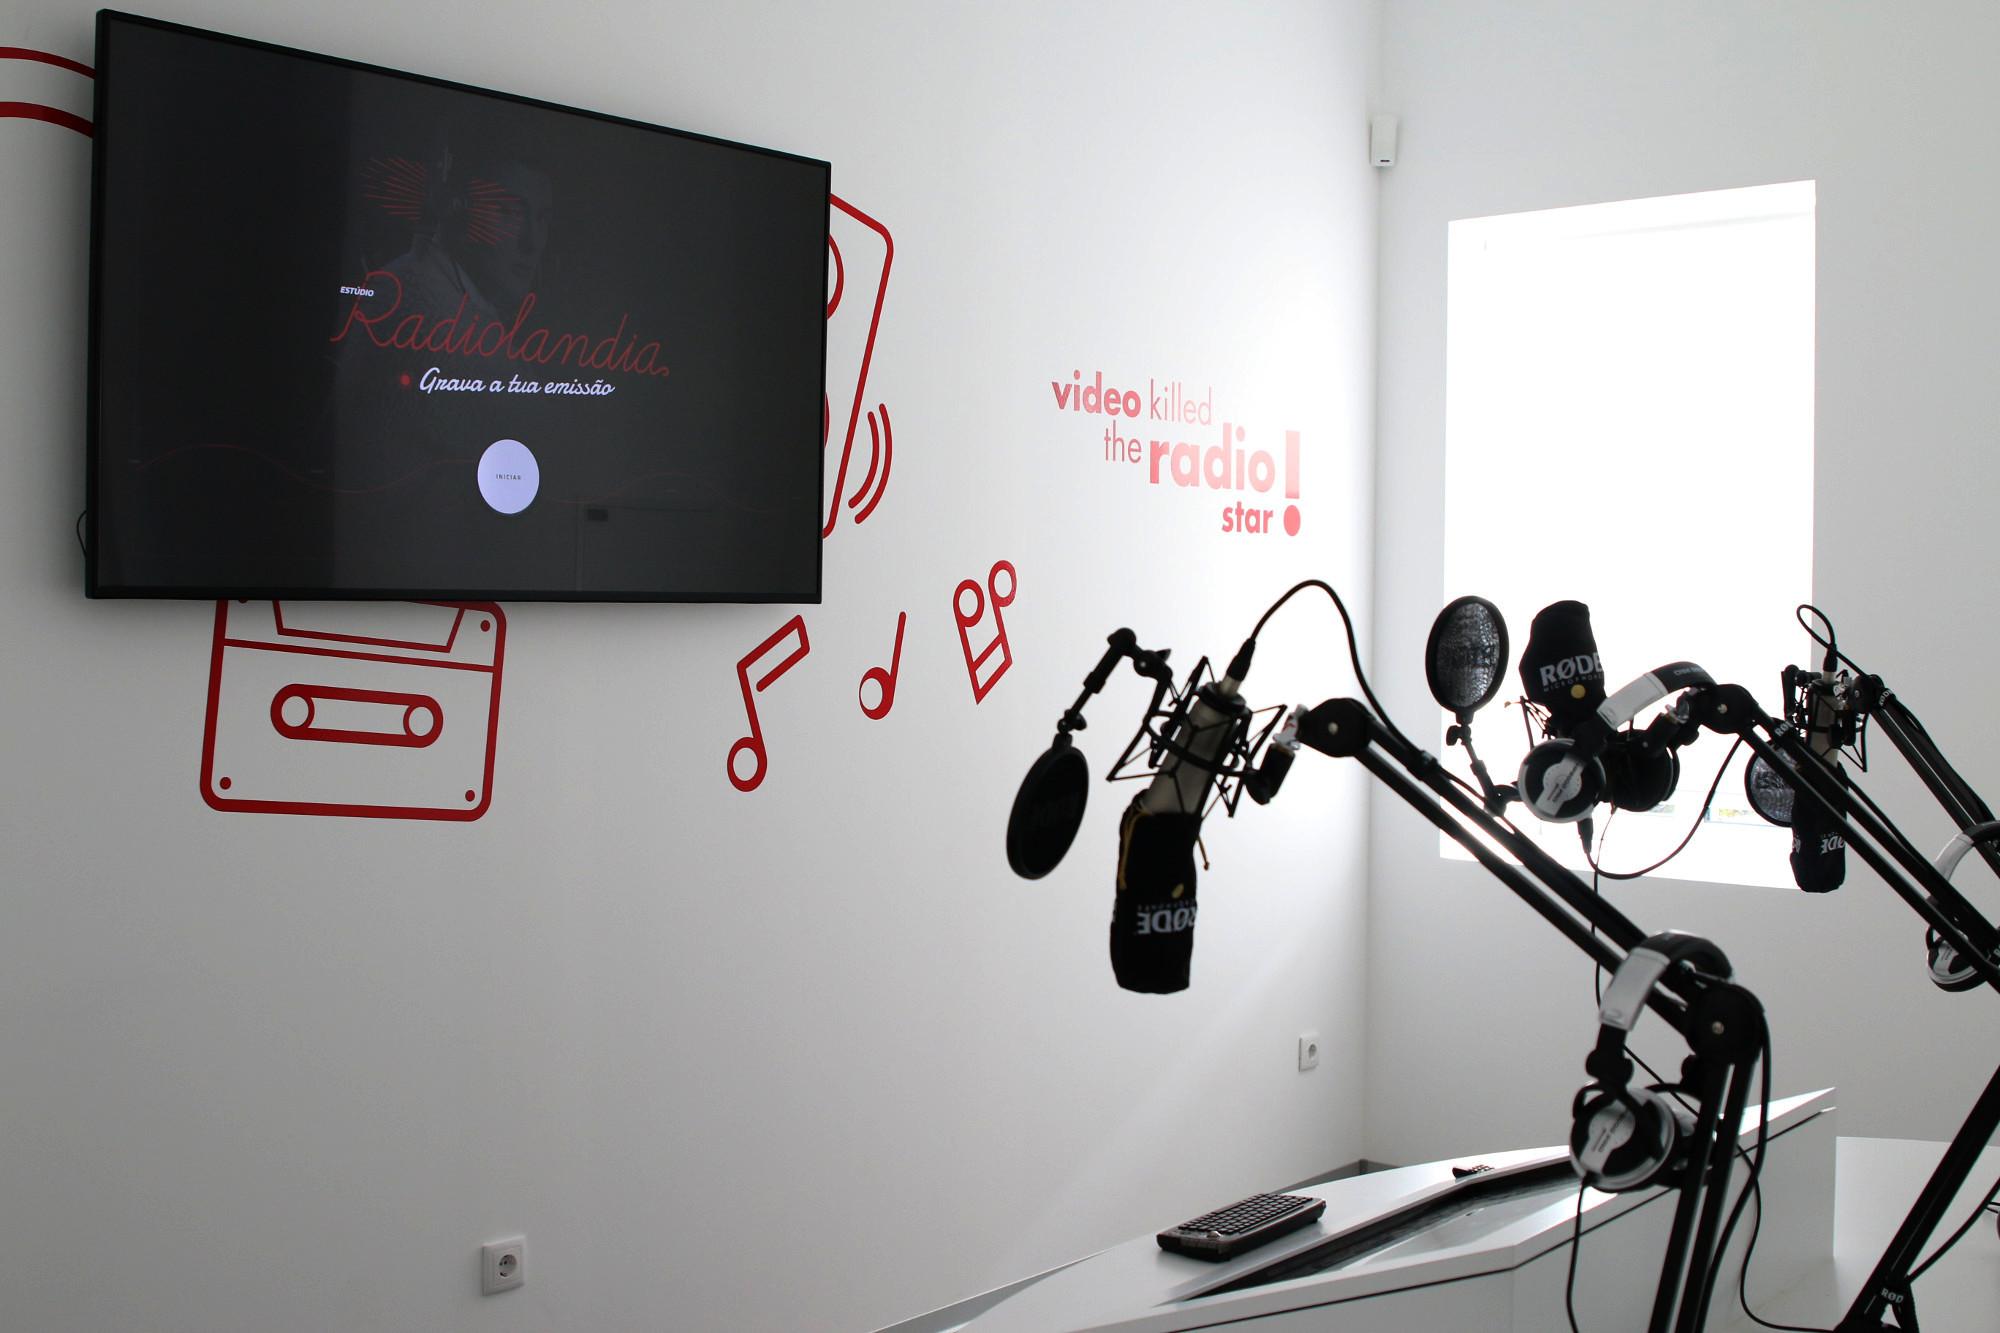 No museu, os visitantes podem gravar os seus próprios conteúdos.